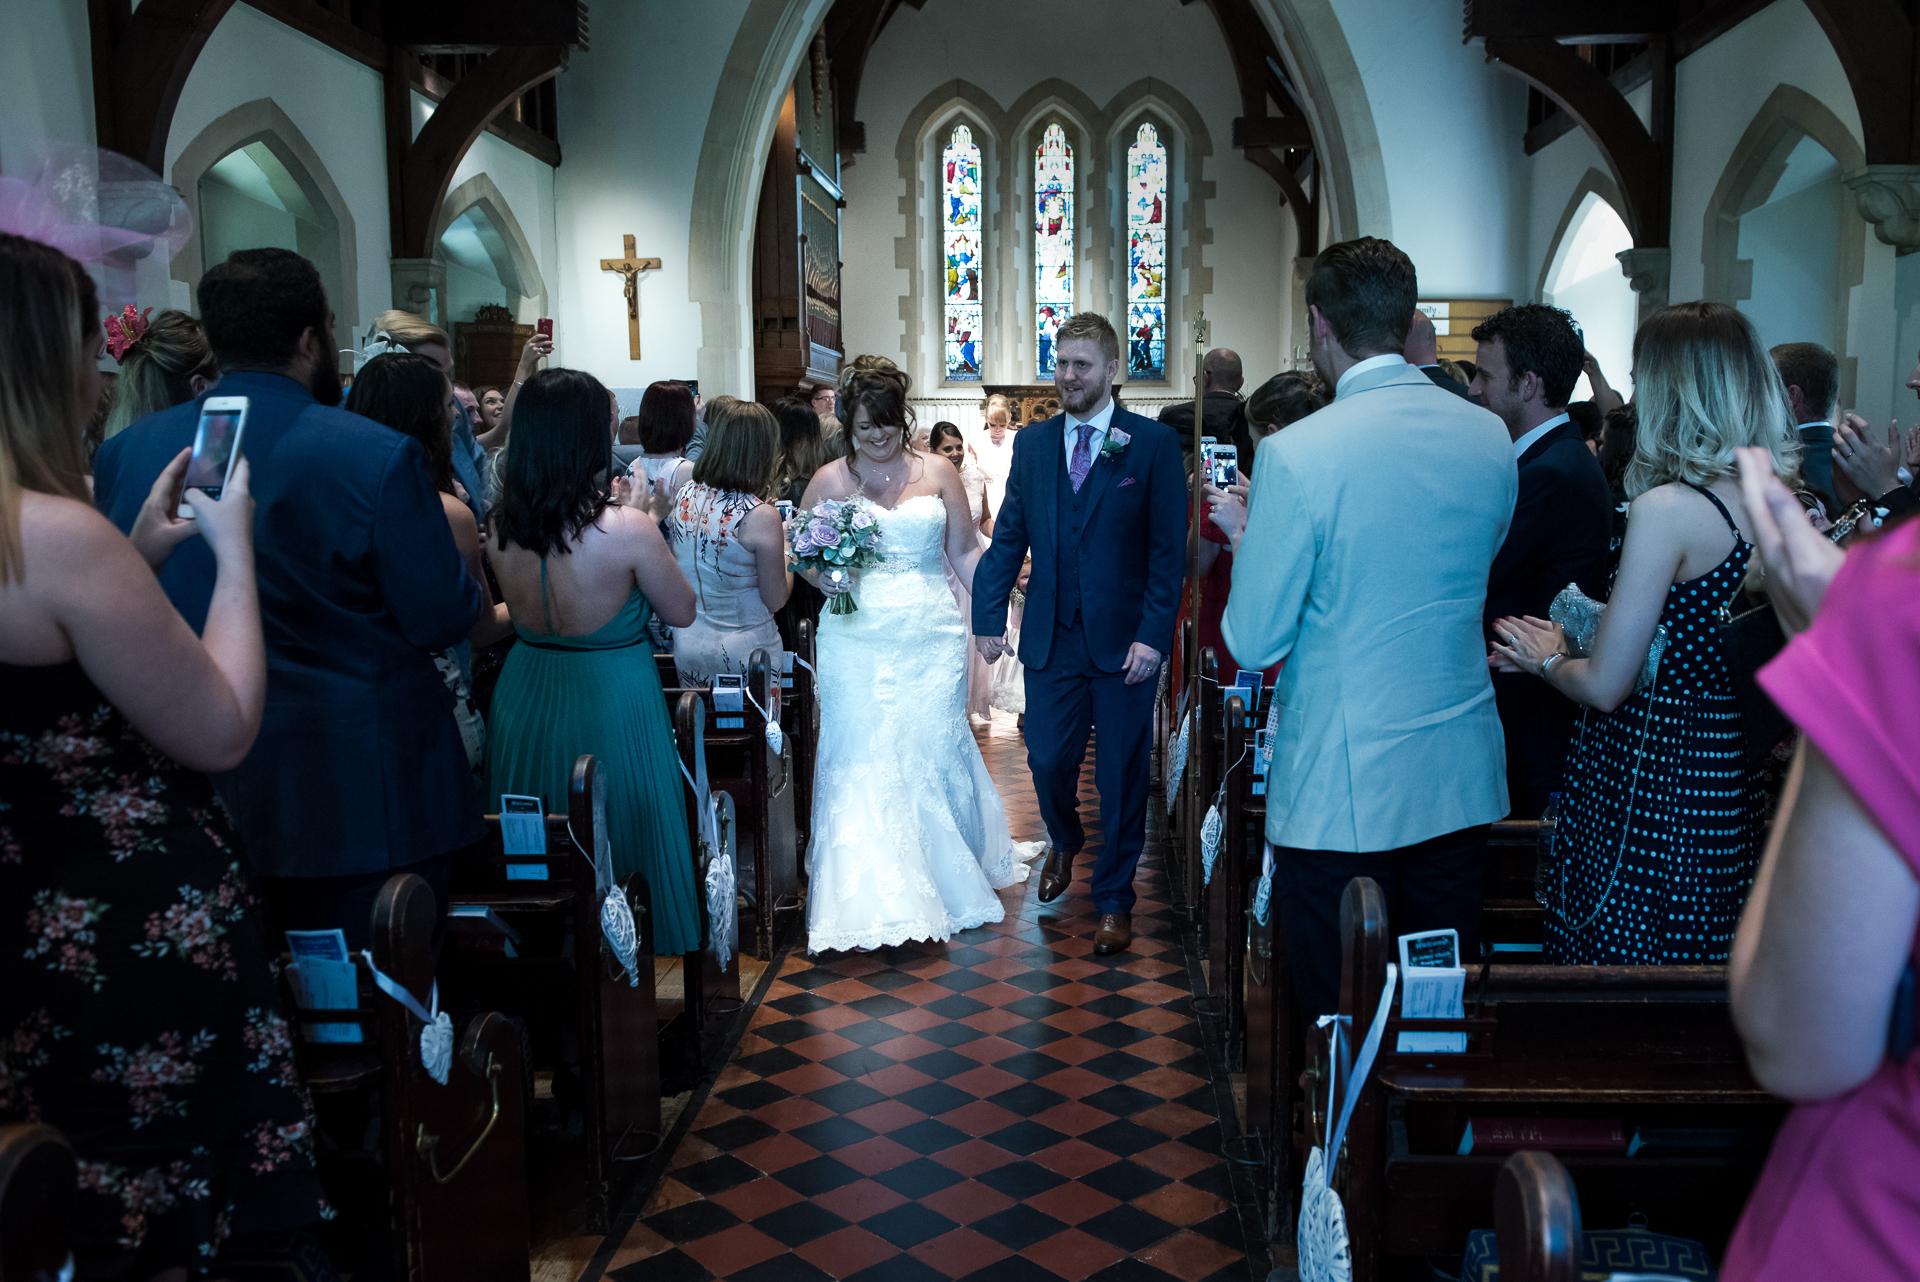 Frensham-Pond-Hotel-wedding_27.JPG